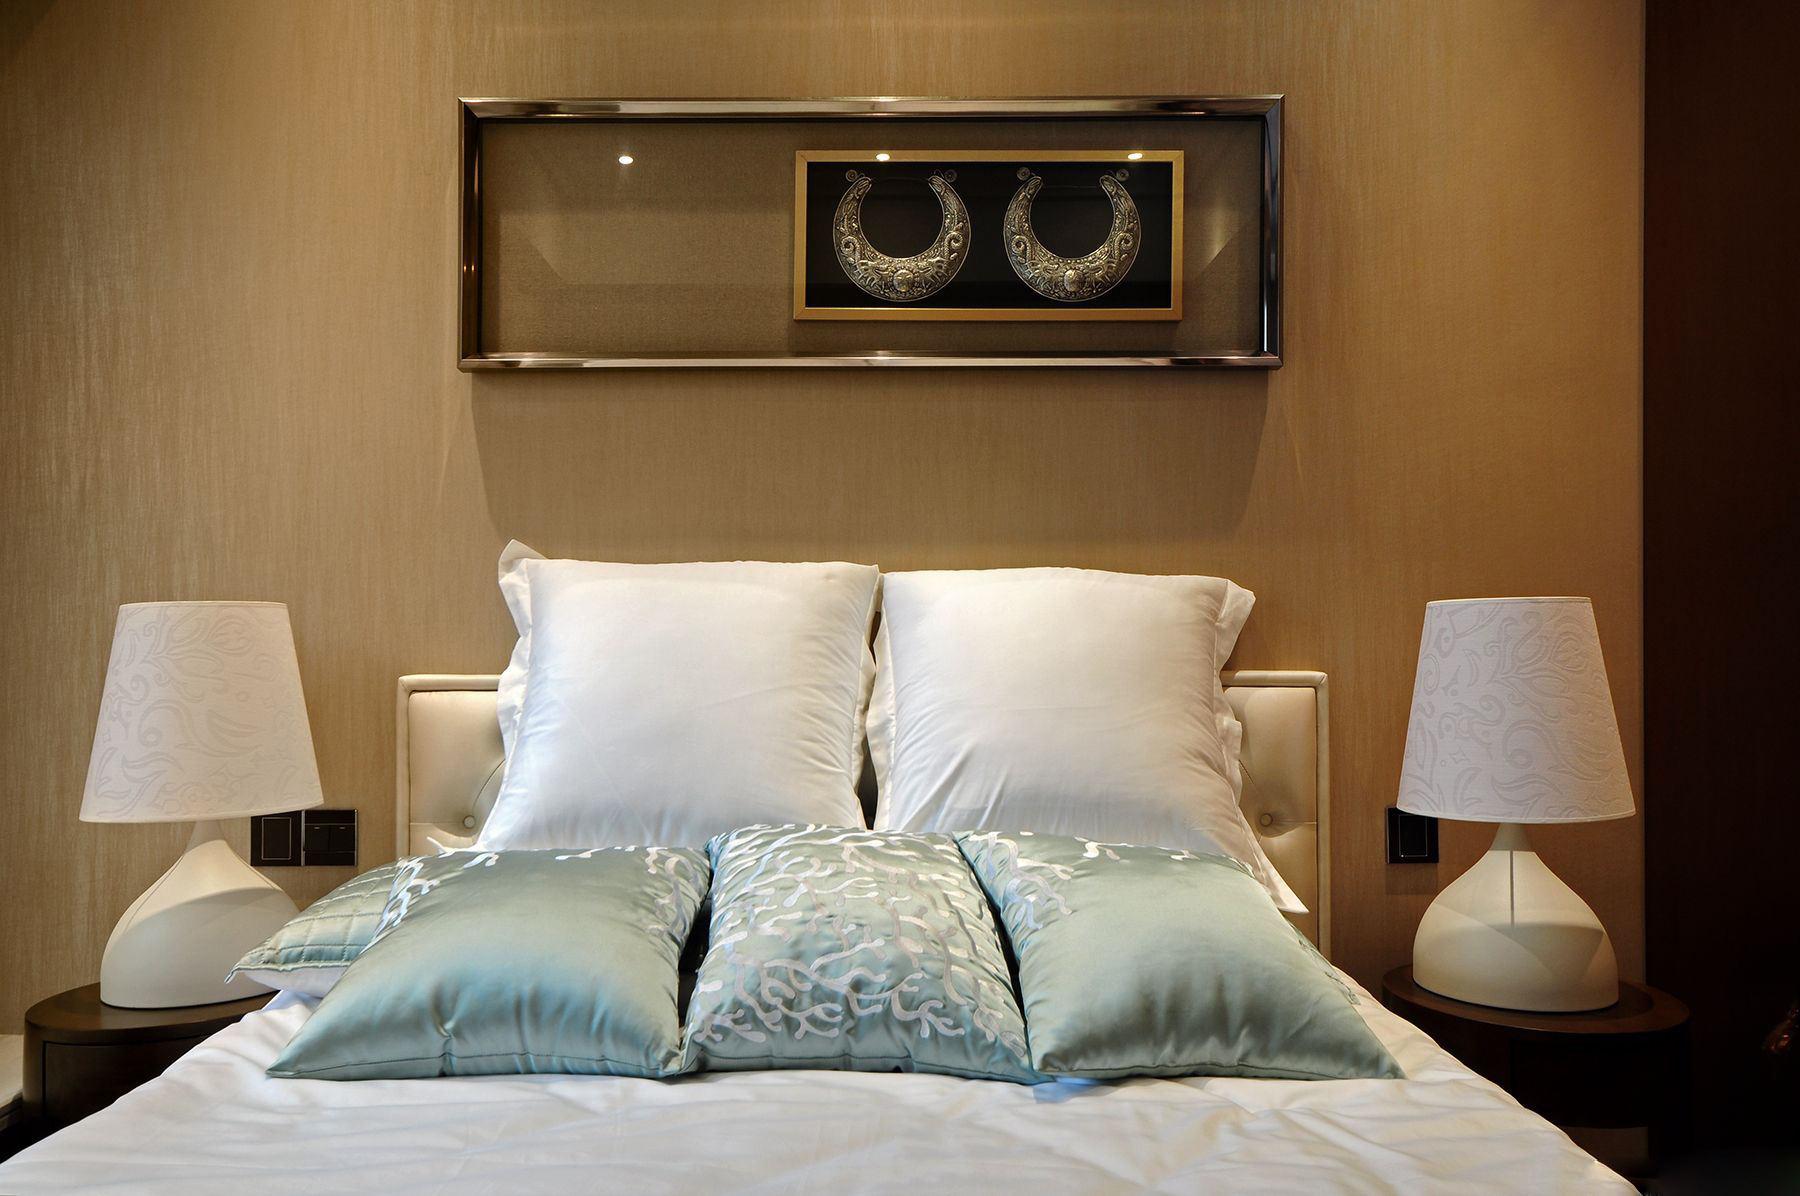 東南亞風格 臥室床頭臺燈設計